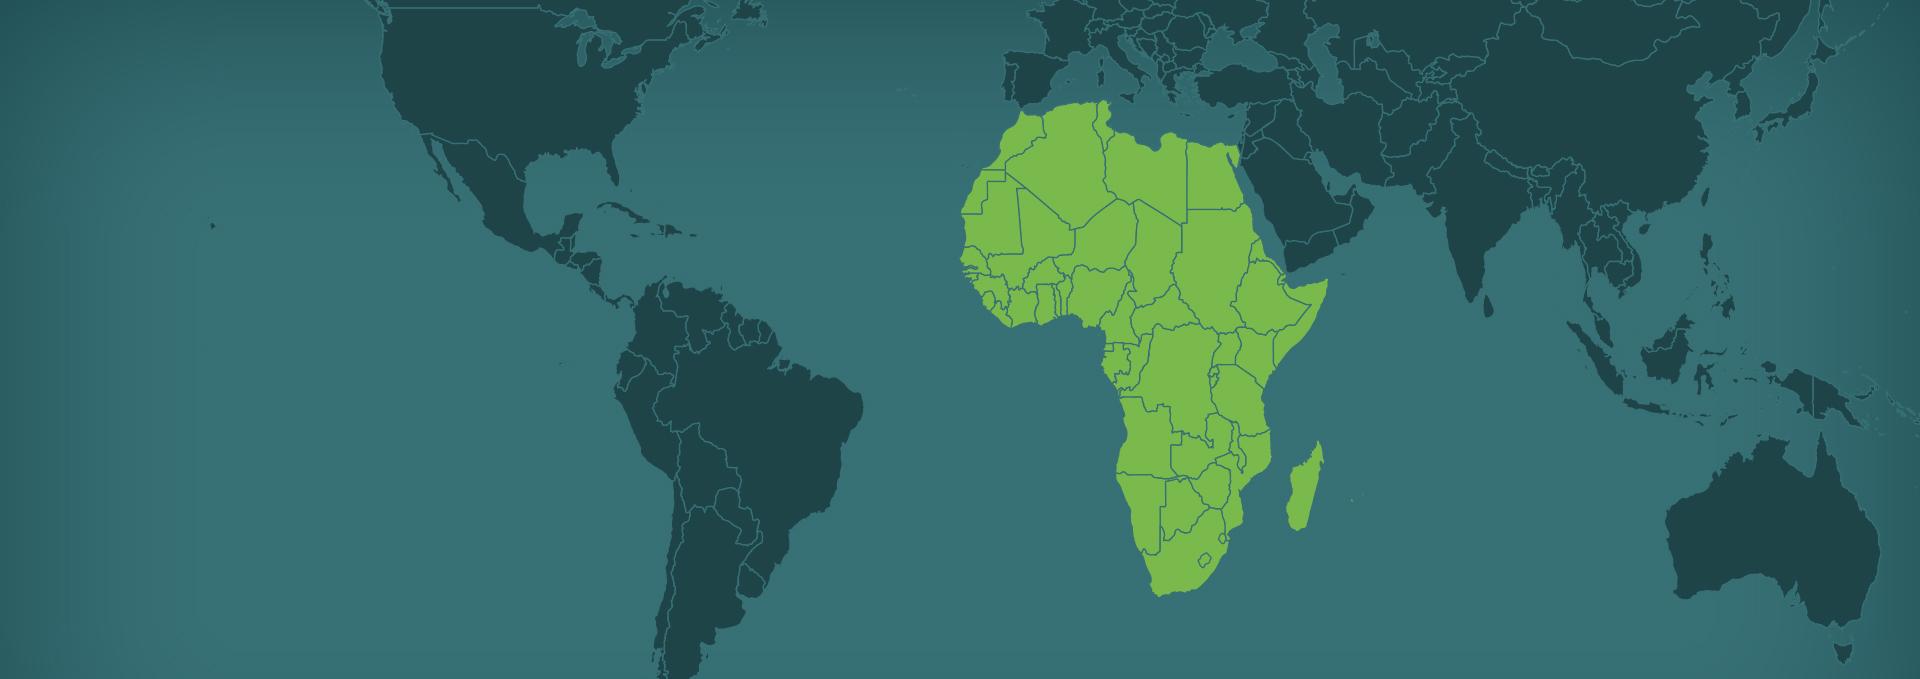 Mtarget en Afrique